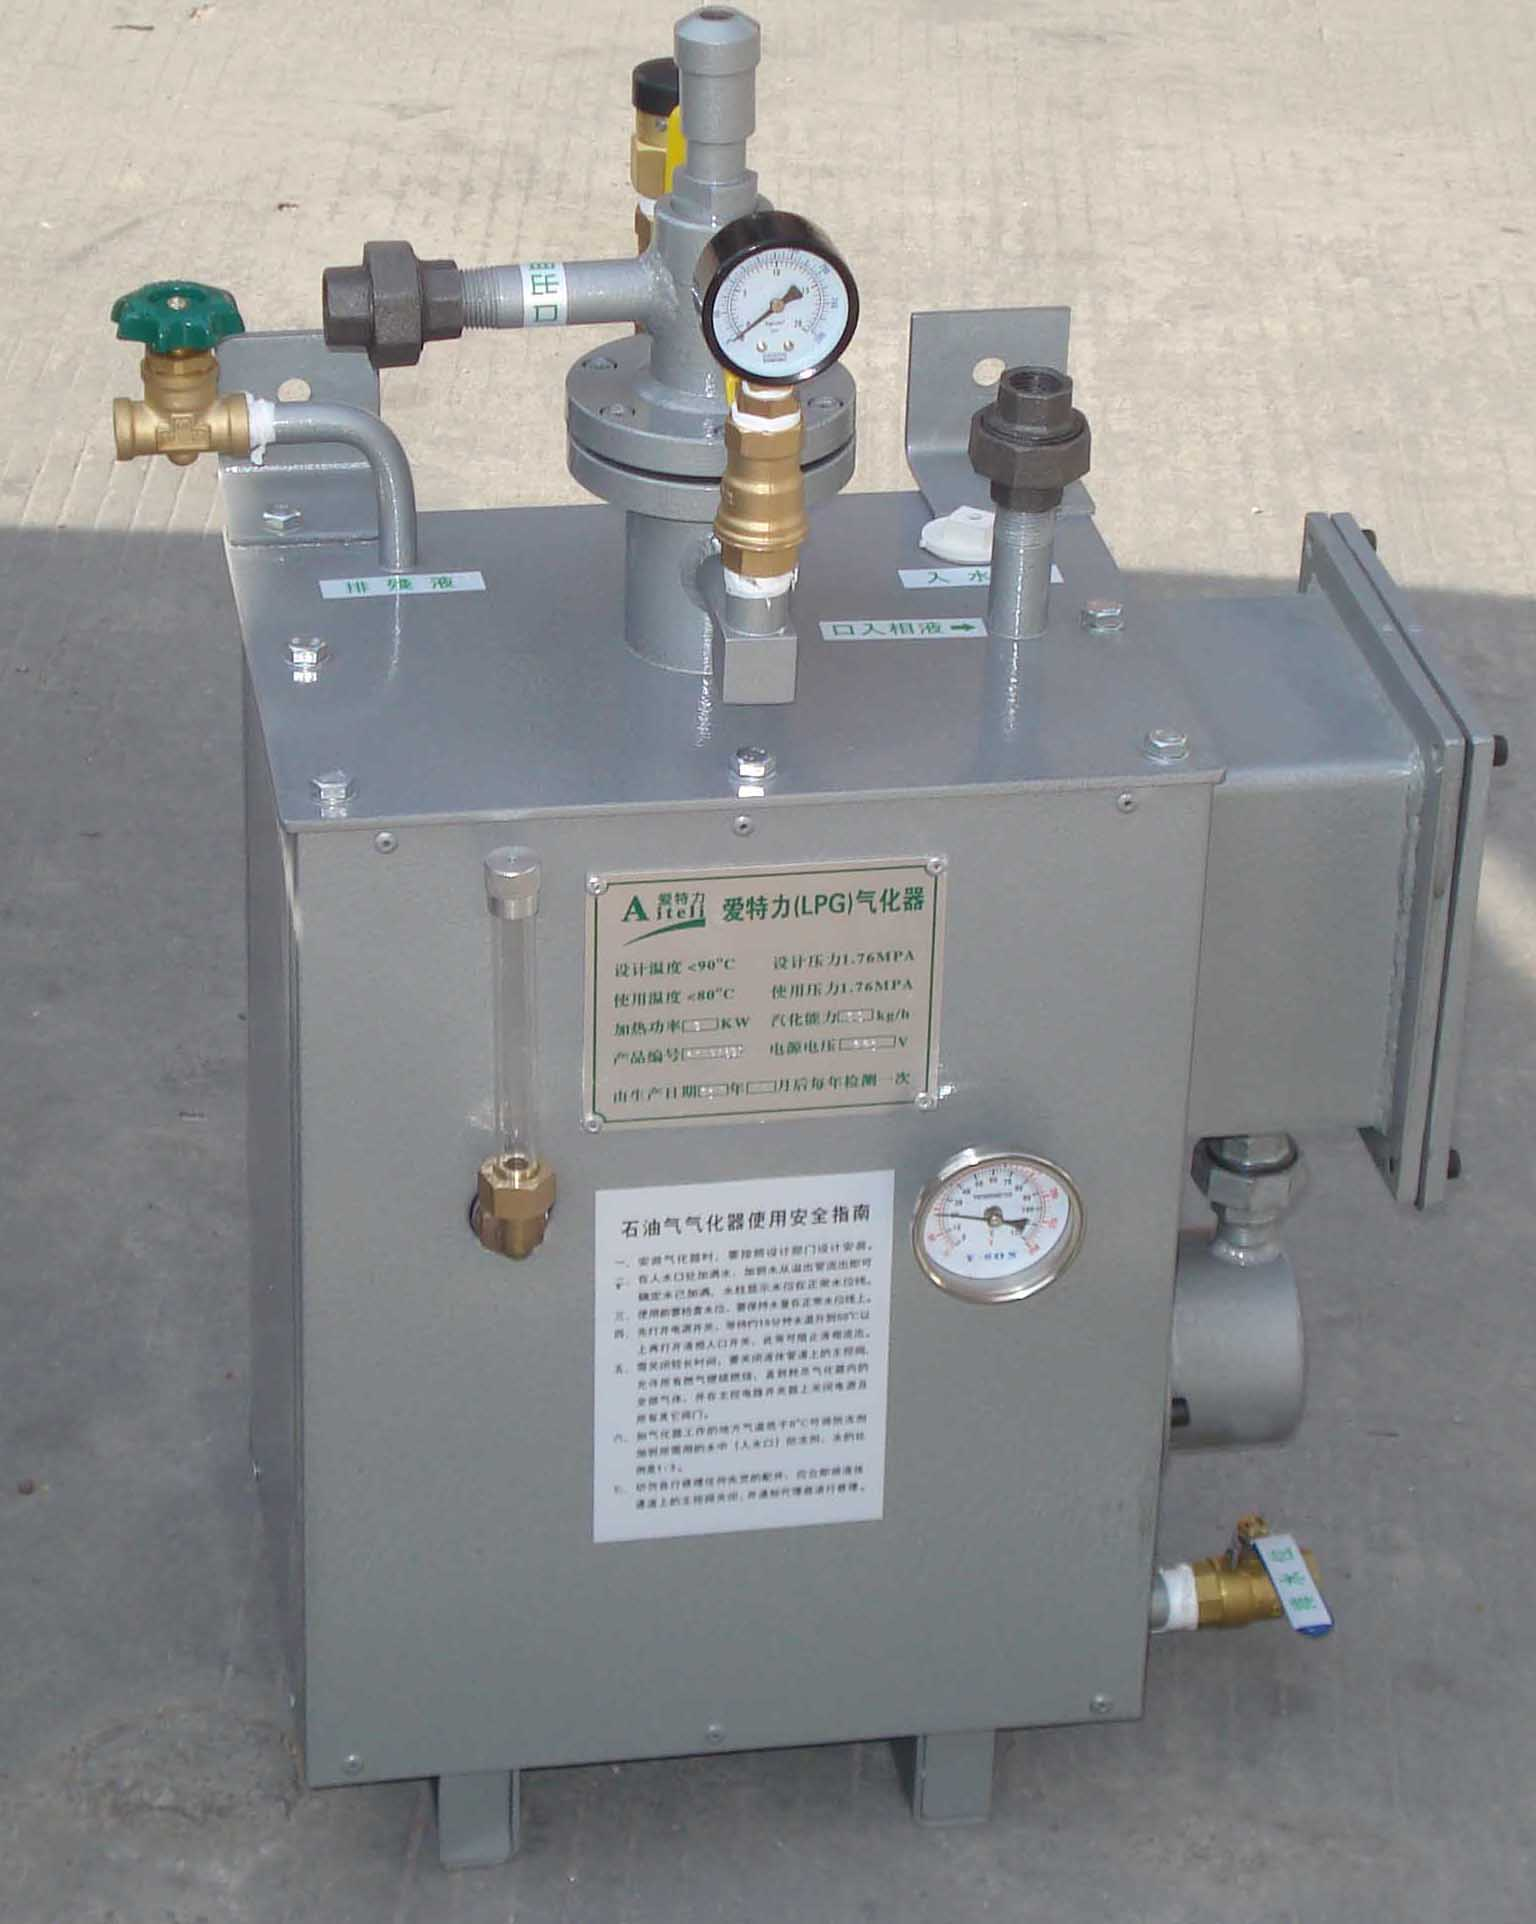 仓盖内的温控器,继电器,发热管等均在出厂前已经调测好,非专业人士